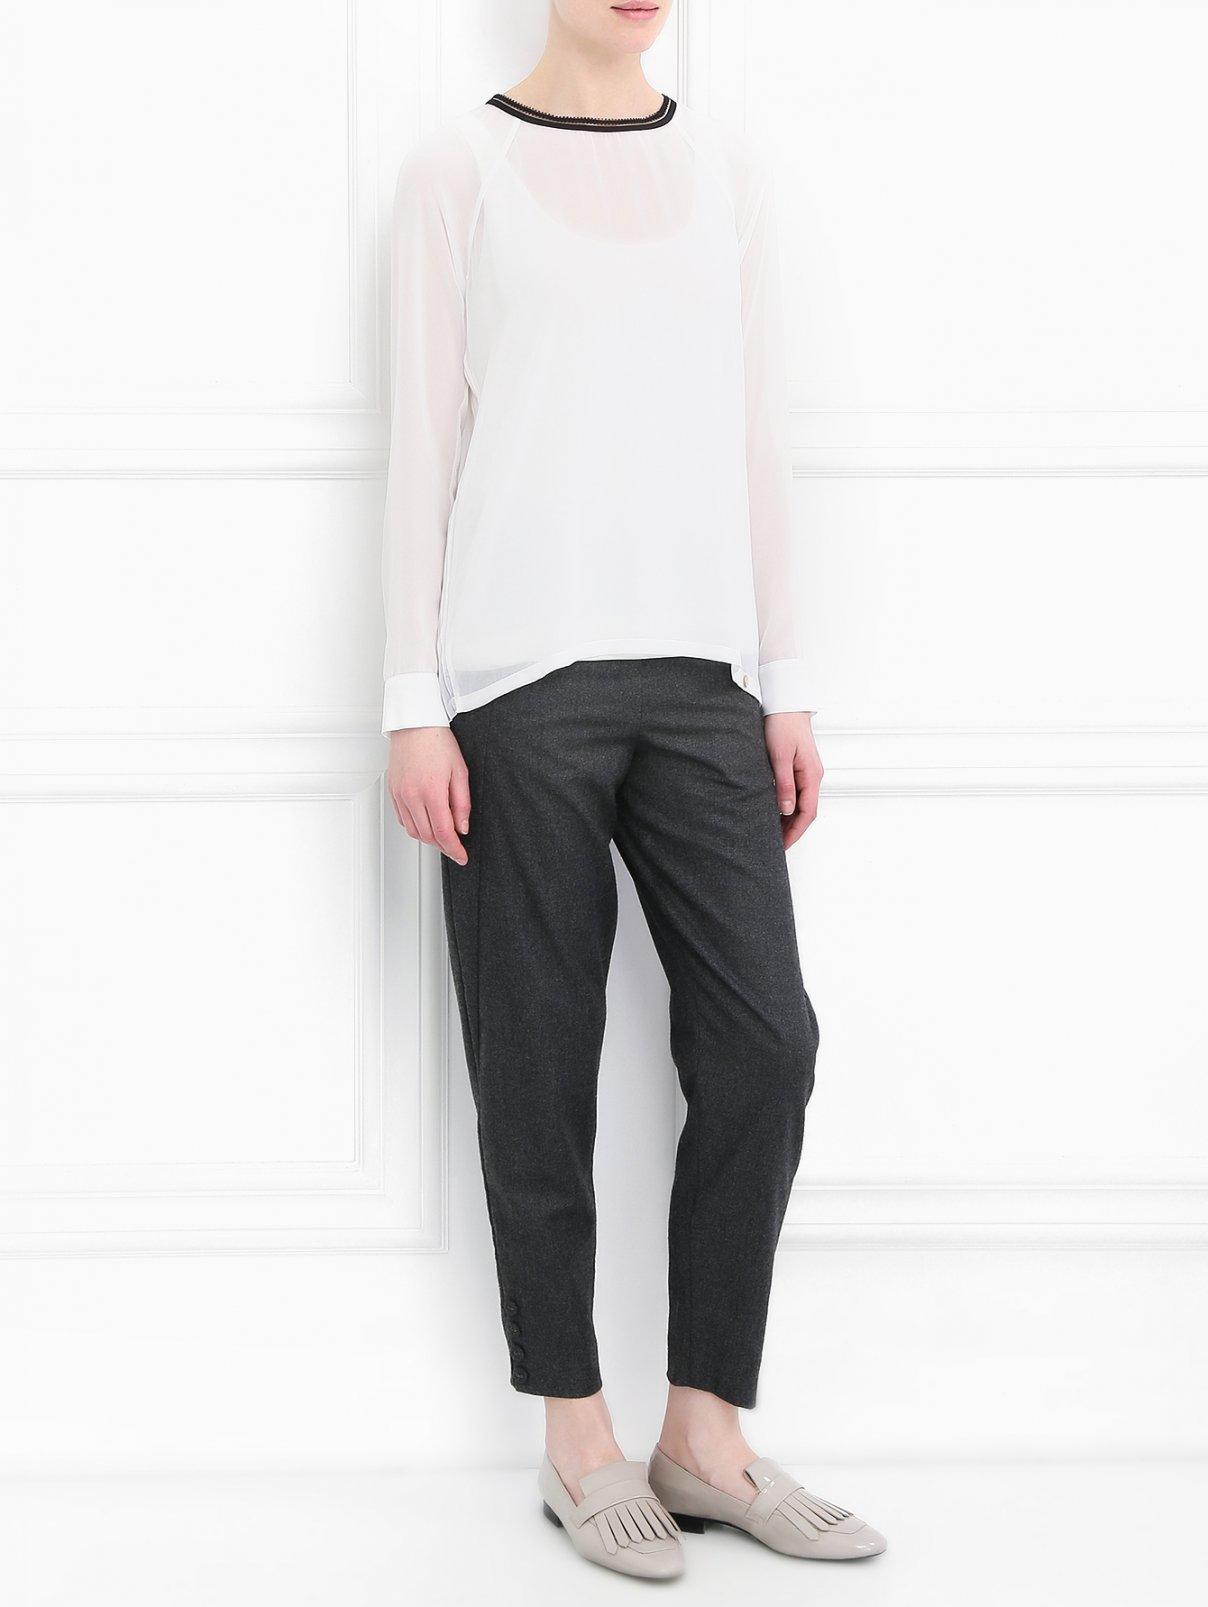 Блуза с плиссированной вставкой Rich & Royal  –  Модель Общий вид  – Цвет:  Белый